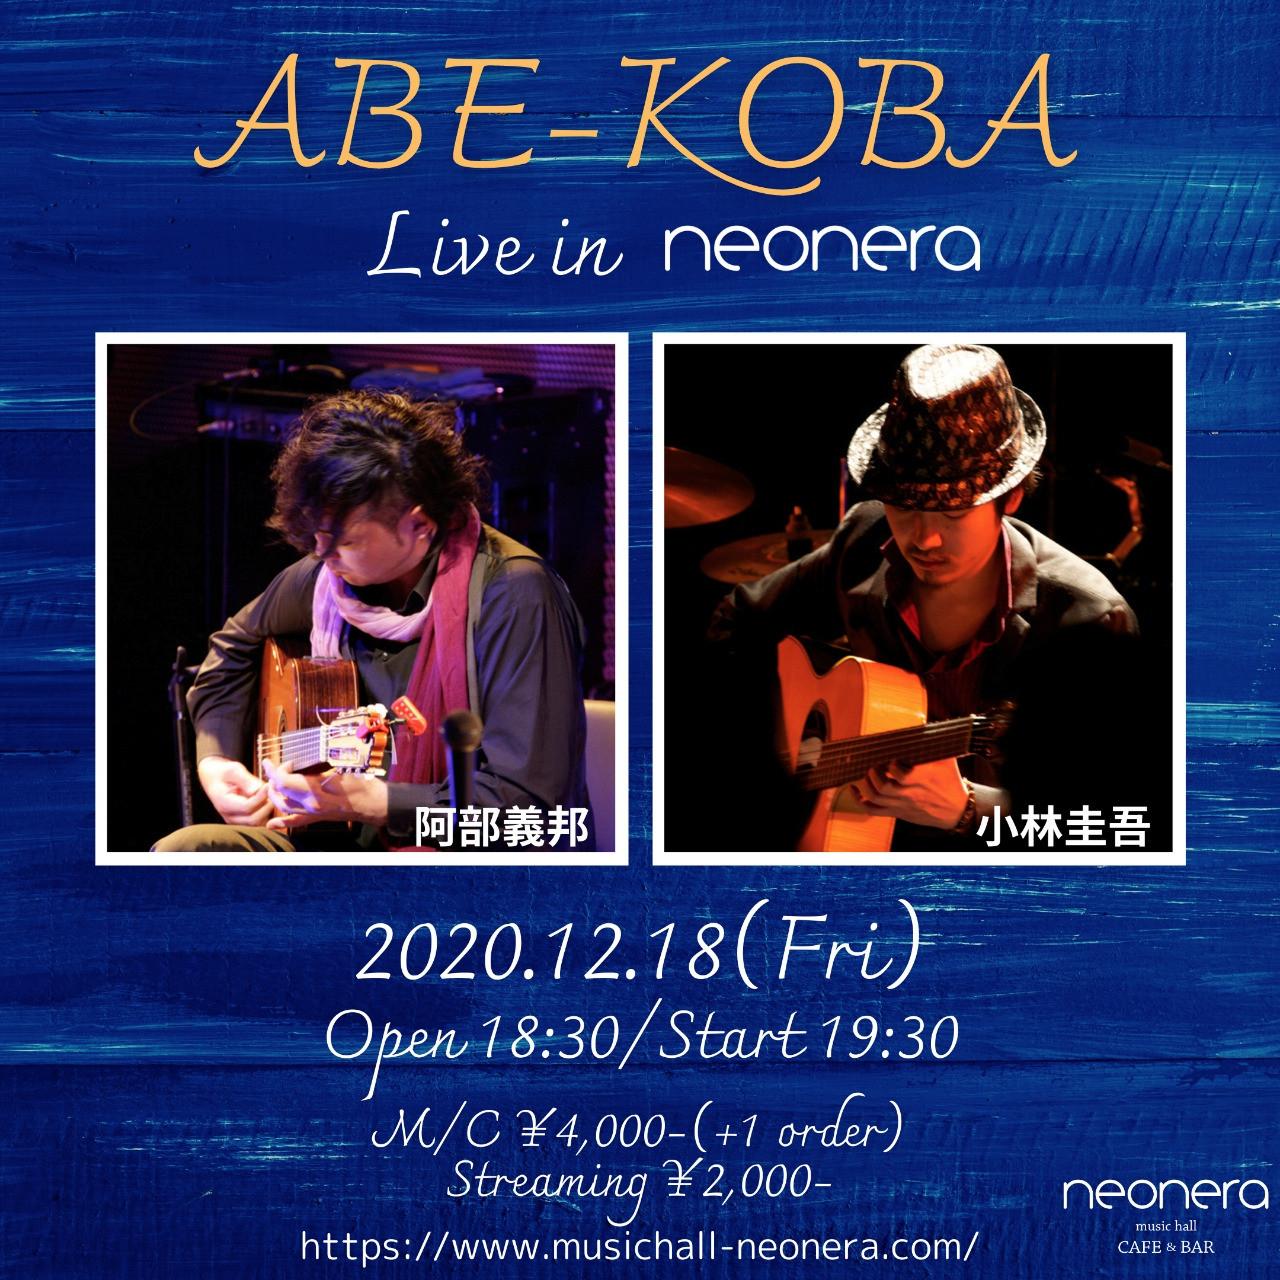 12月18日(金)ABE-KOBA Live in neonera